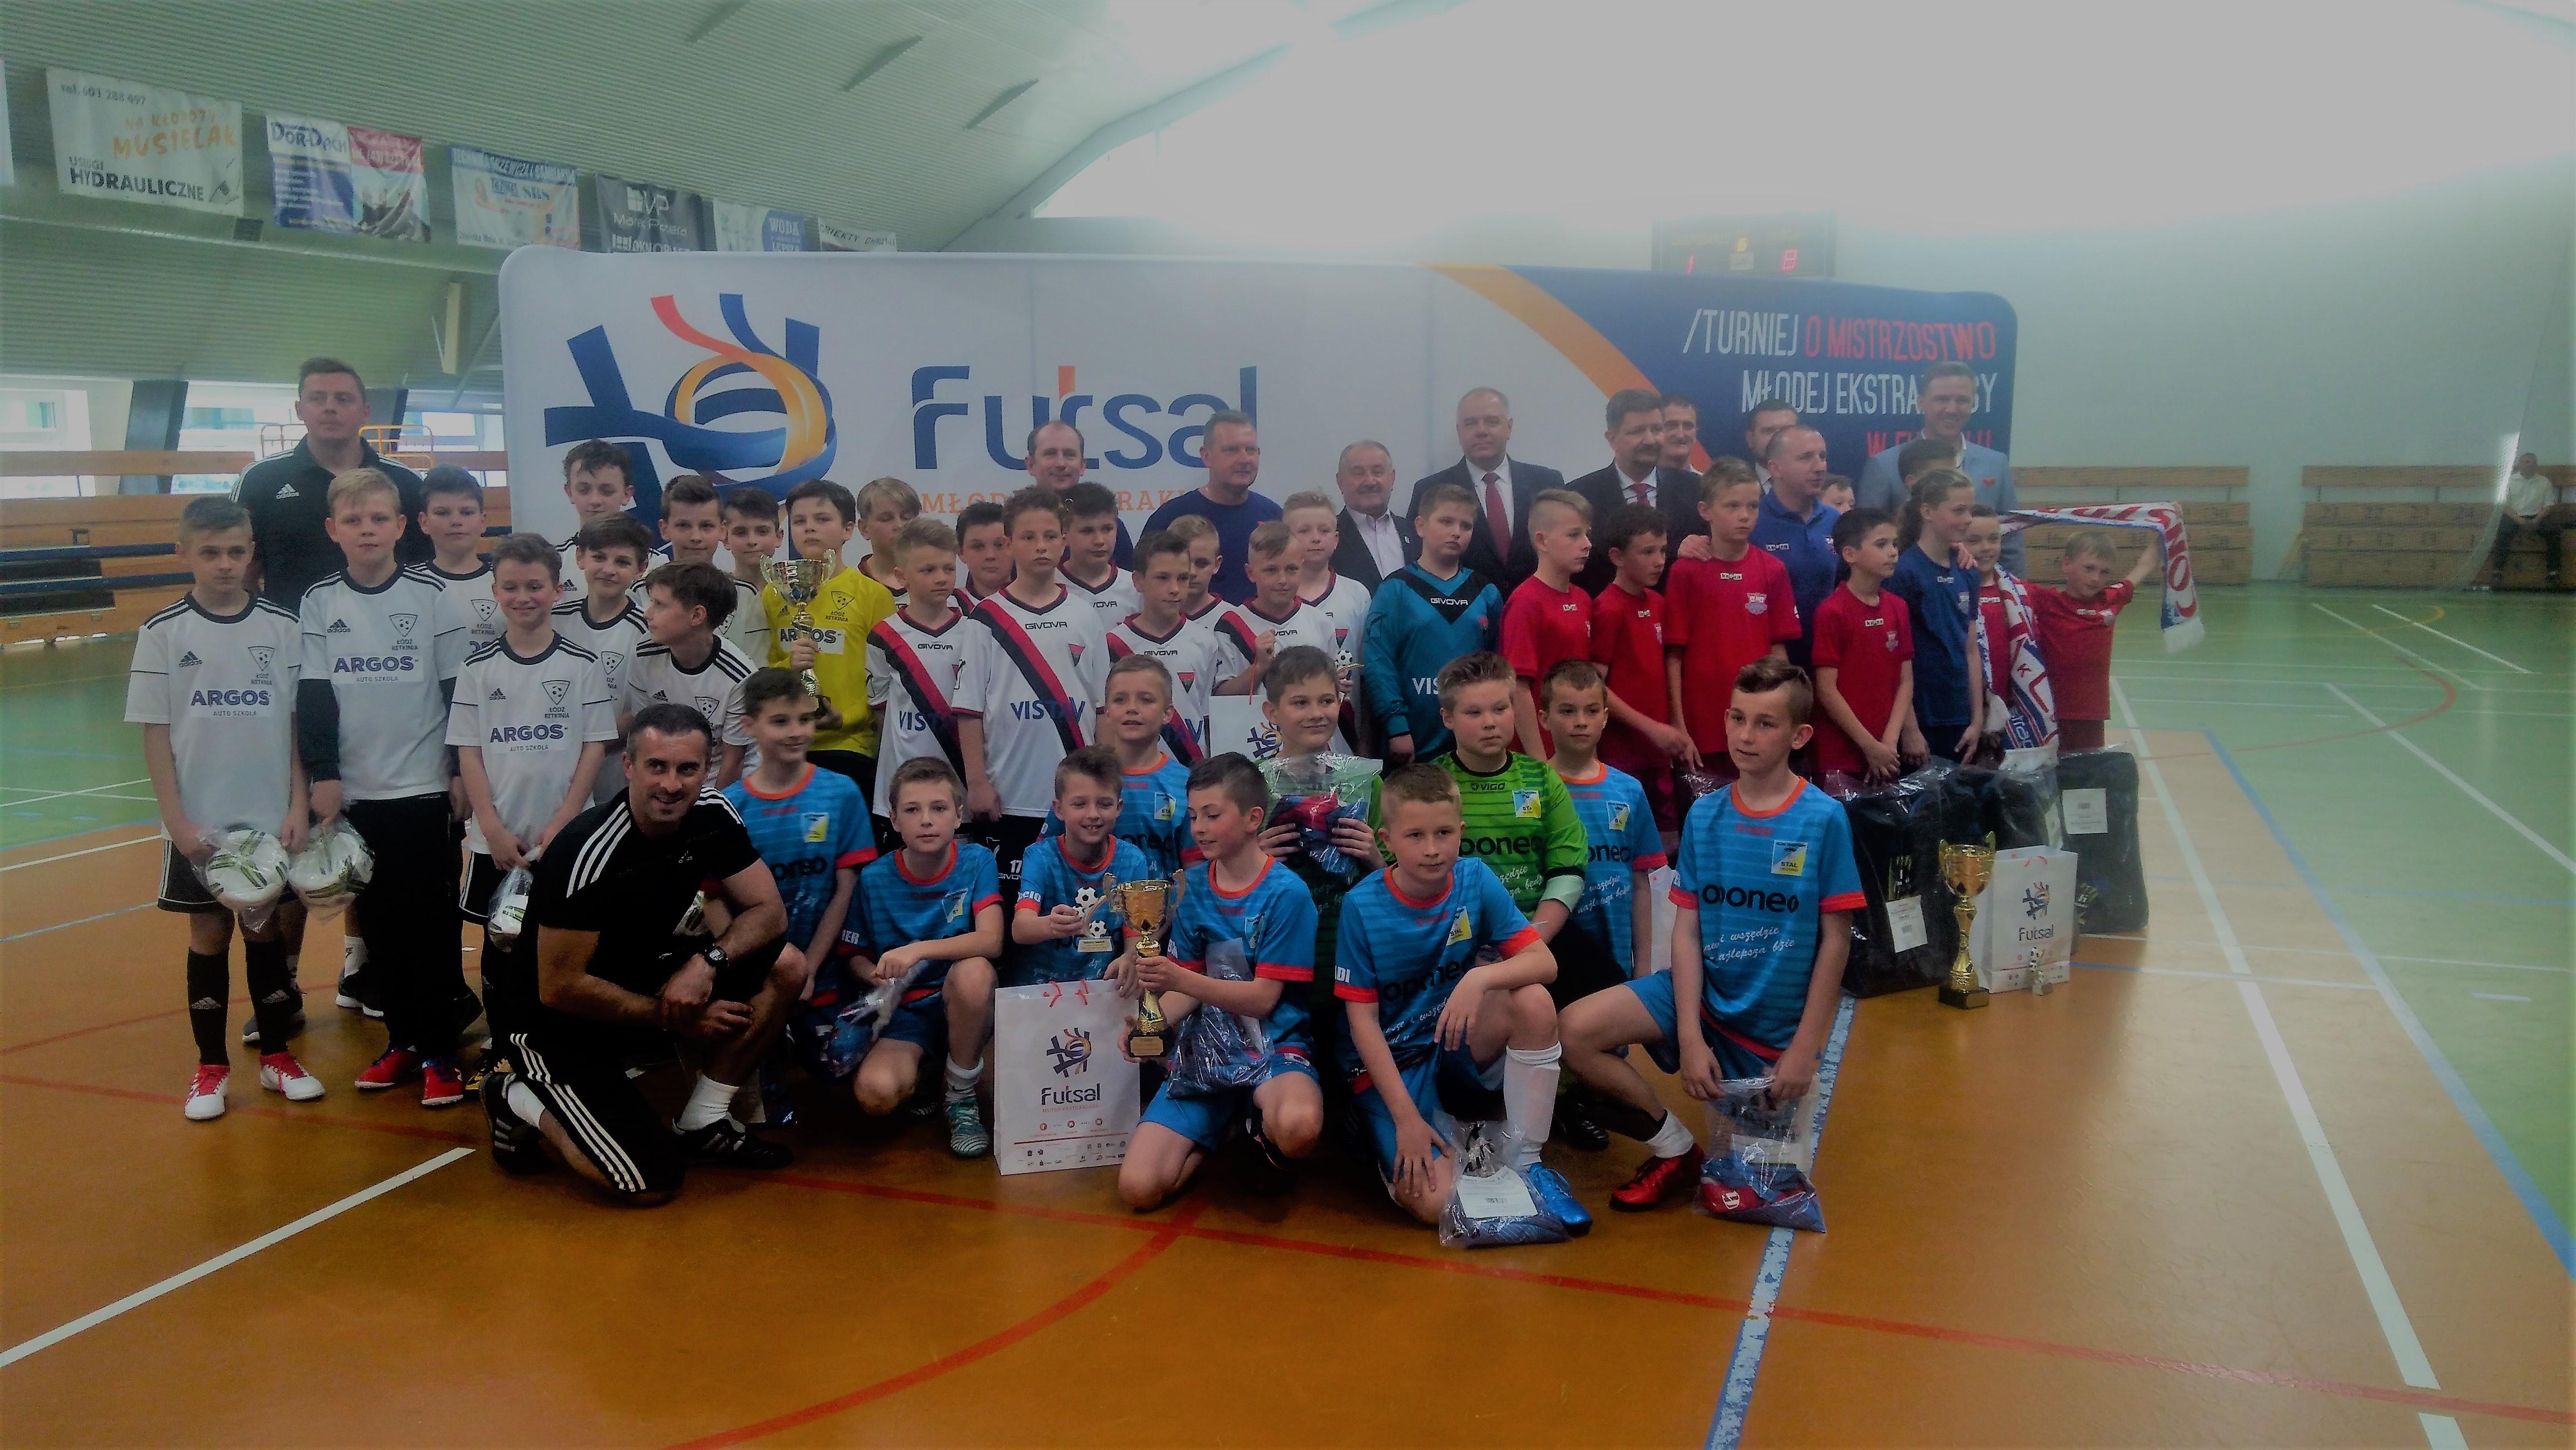 Finałowy turniej Młodej Ekstraklasy w futsalu. W Zduńskiej Woli oglądaliśmy piękne gole i efektowne zwycięstwa